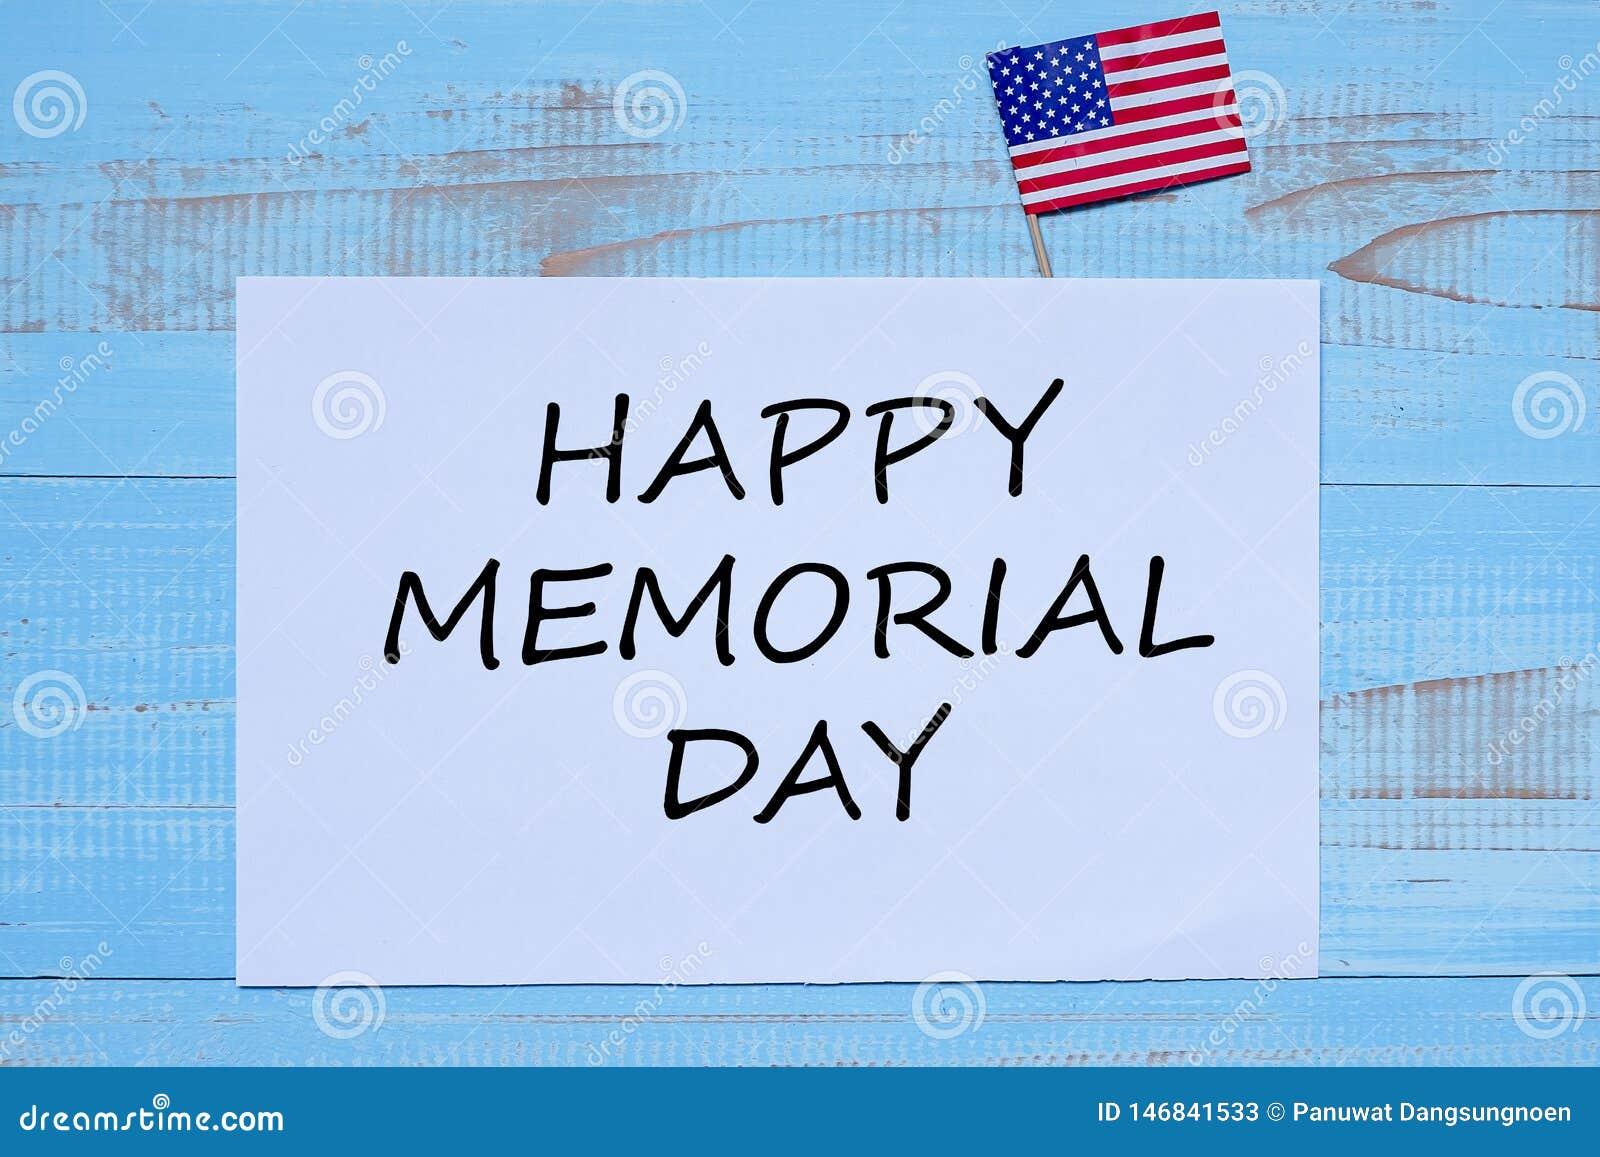 Gelukkige Herdenkingsdag met vlag van de Verenigde Staten van Amerika op blauwe houten achtergrond